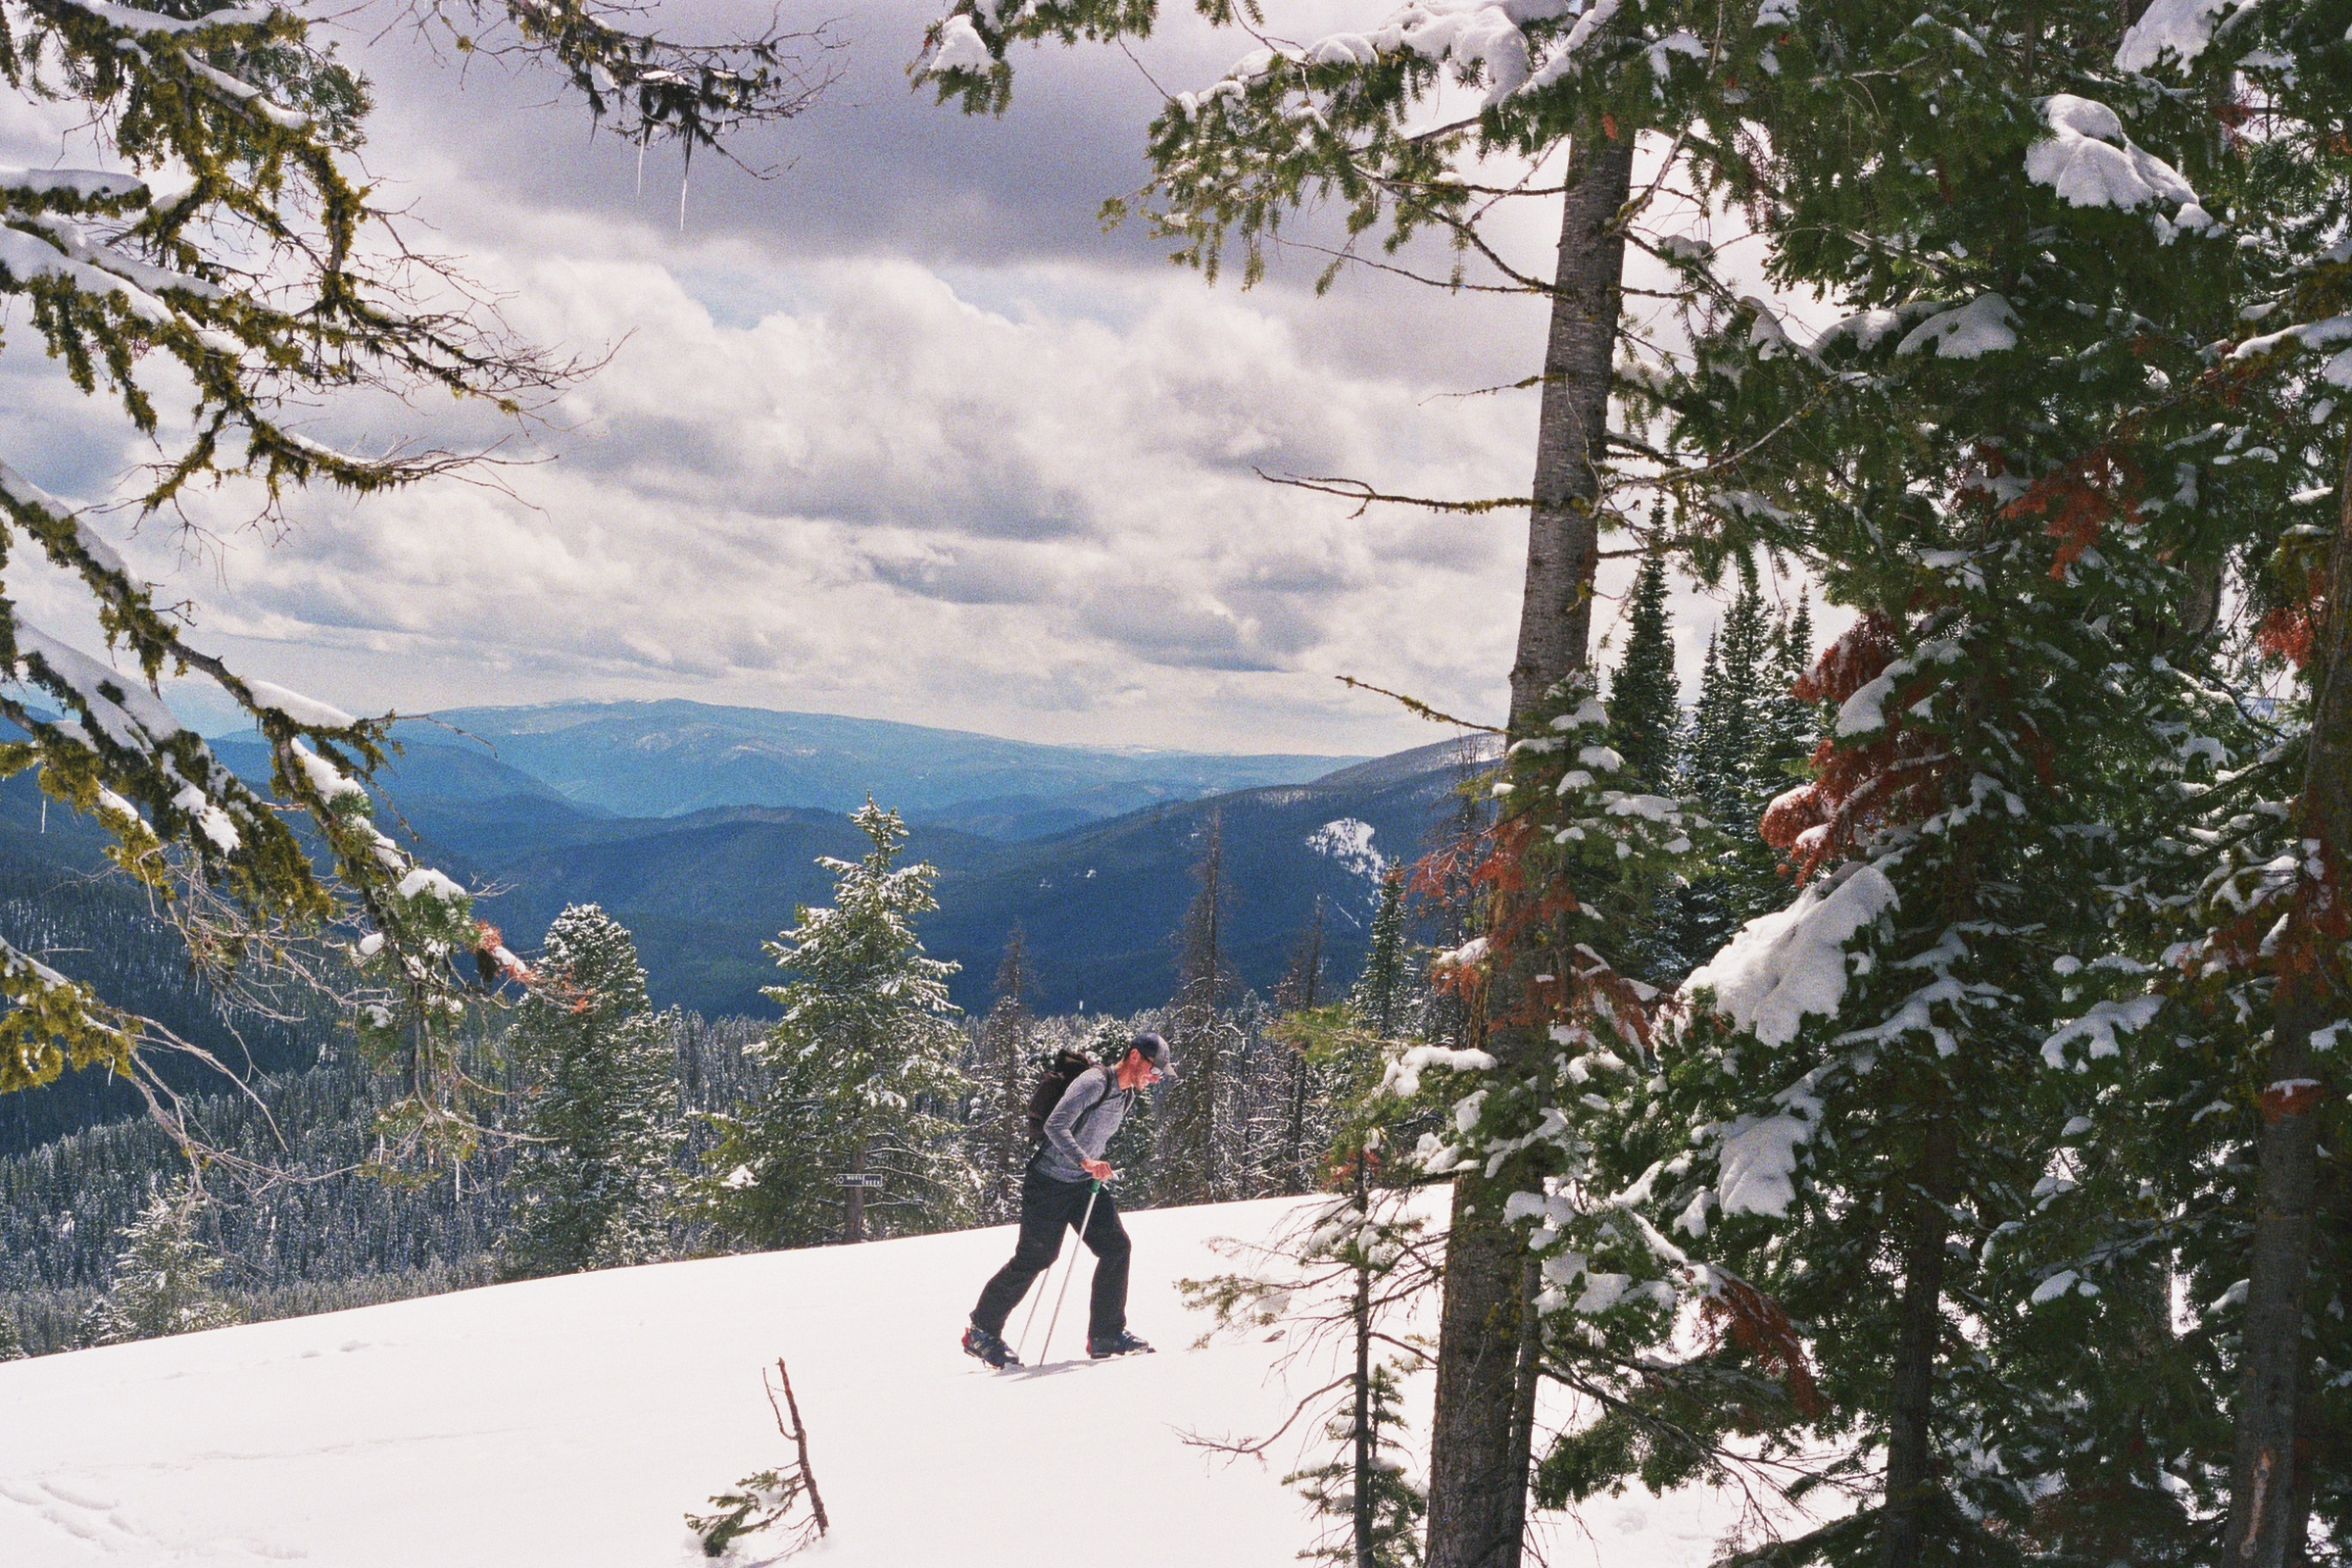 Taylor at Lost Trail Pass, Border of Idaho and Montana